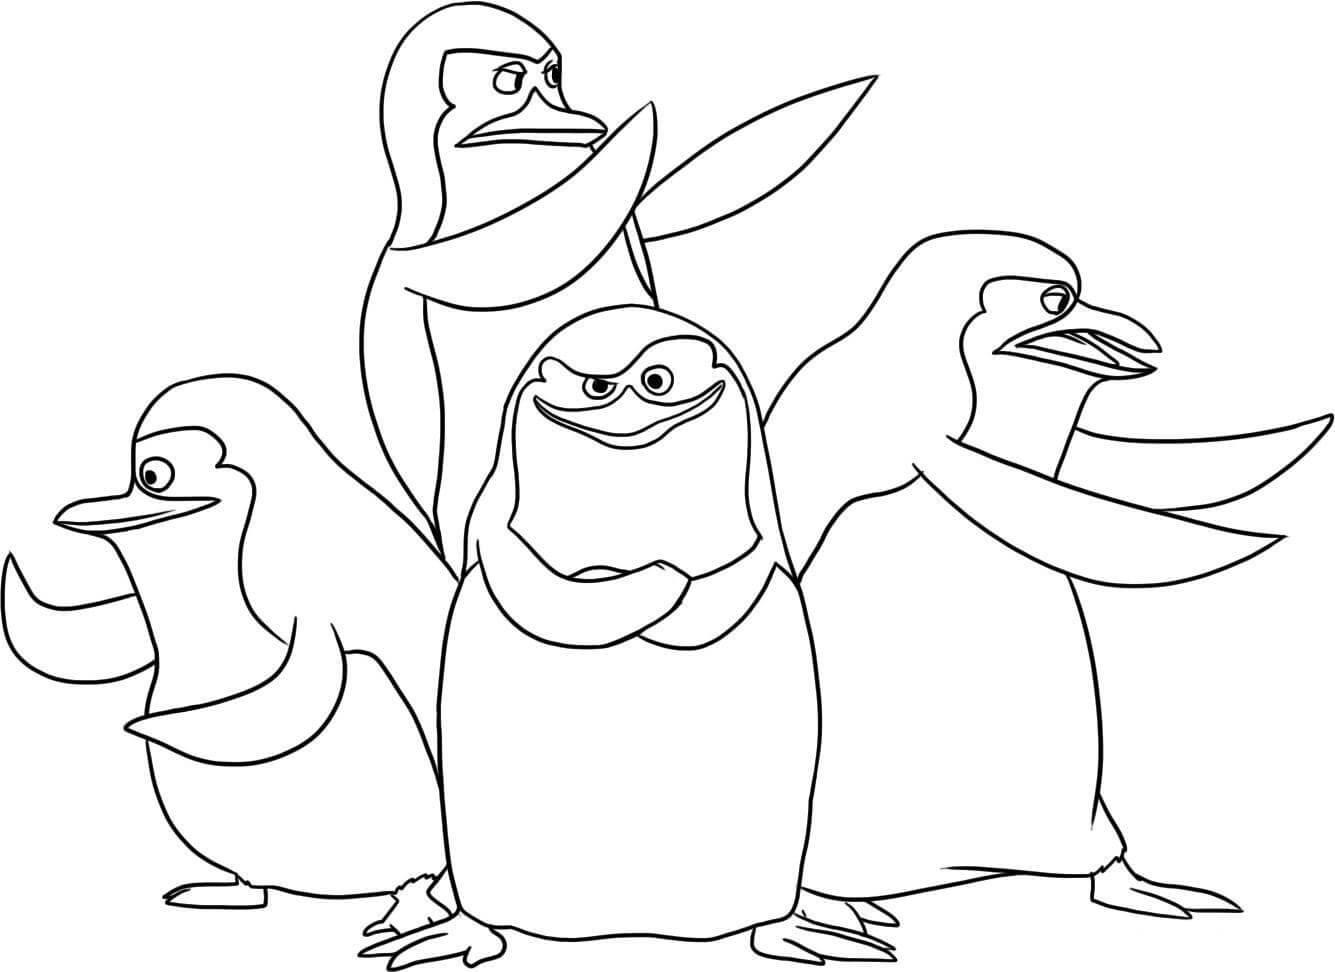 Раскраска Пингвины из Мадагаскара